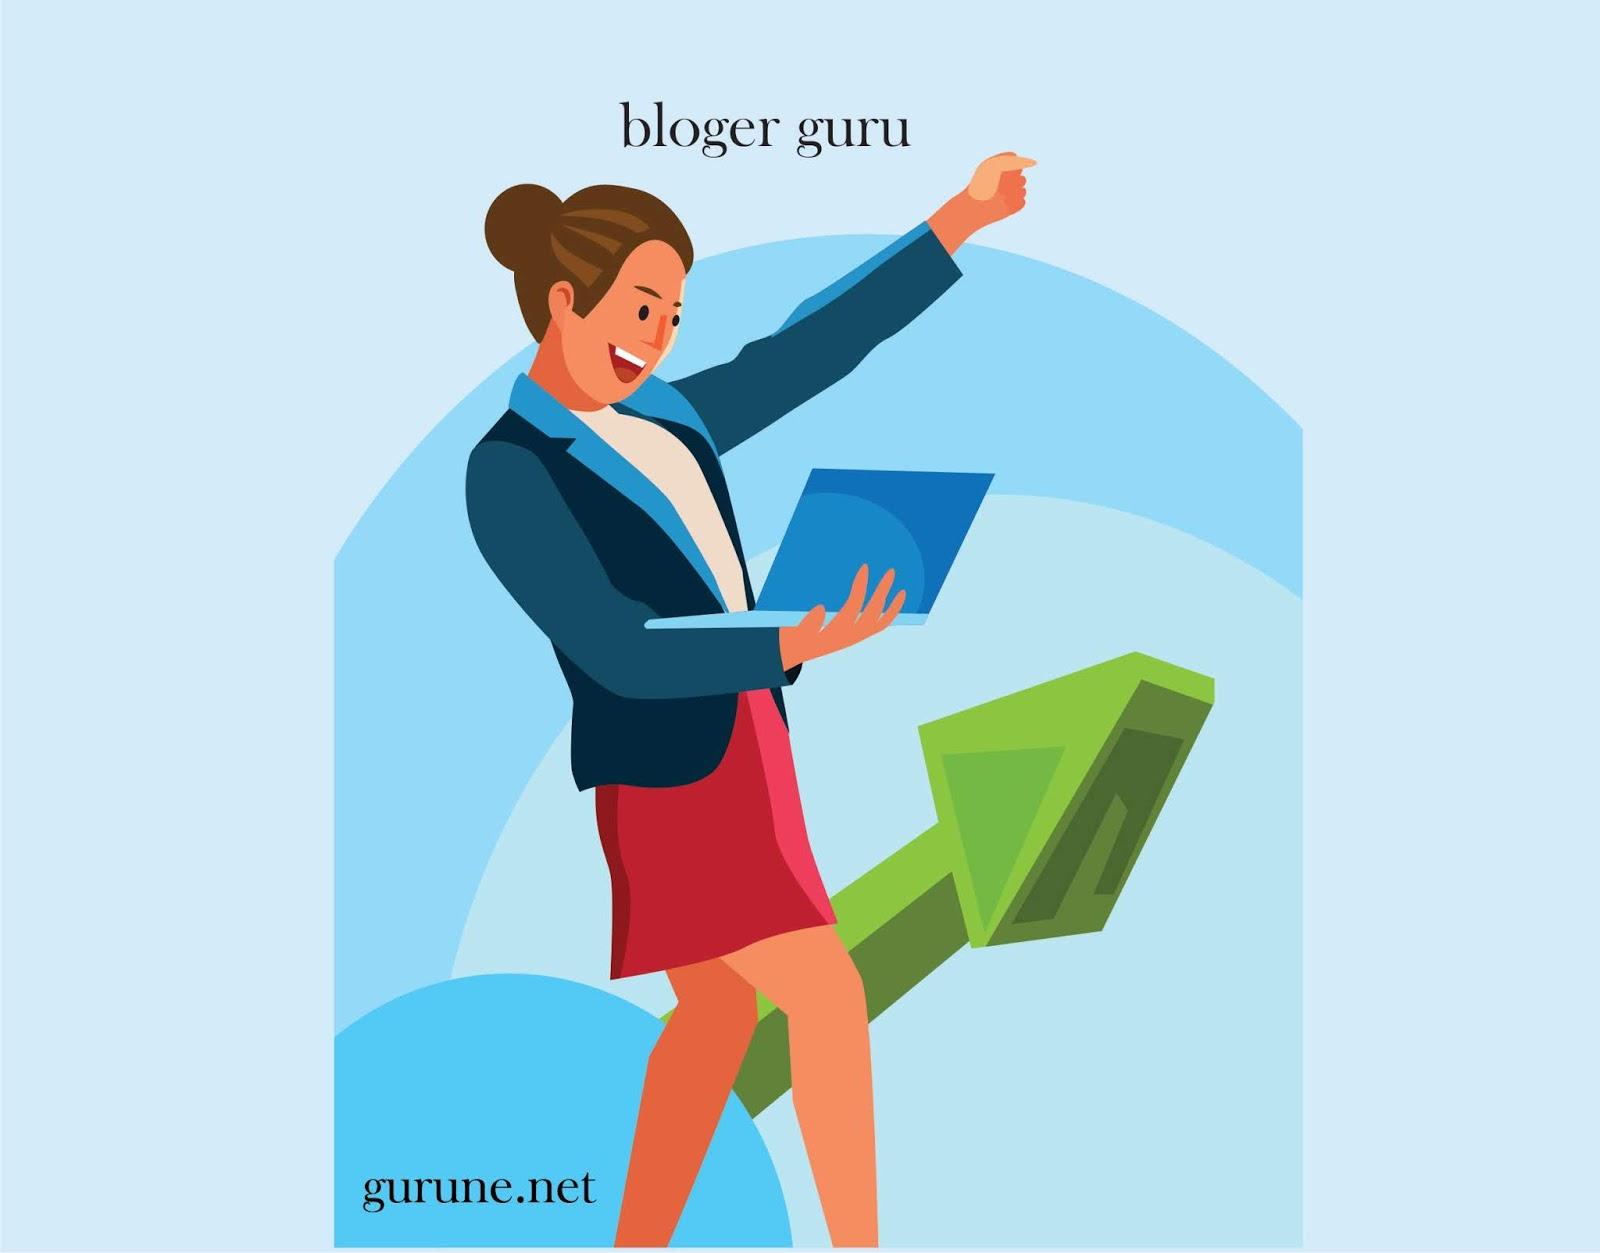 Mengapa Seorang Guru di Harapkan Memiliki Blog?  Seberapa Penting memiliki Blog Untuk Seorang Guru ?